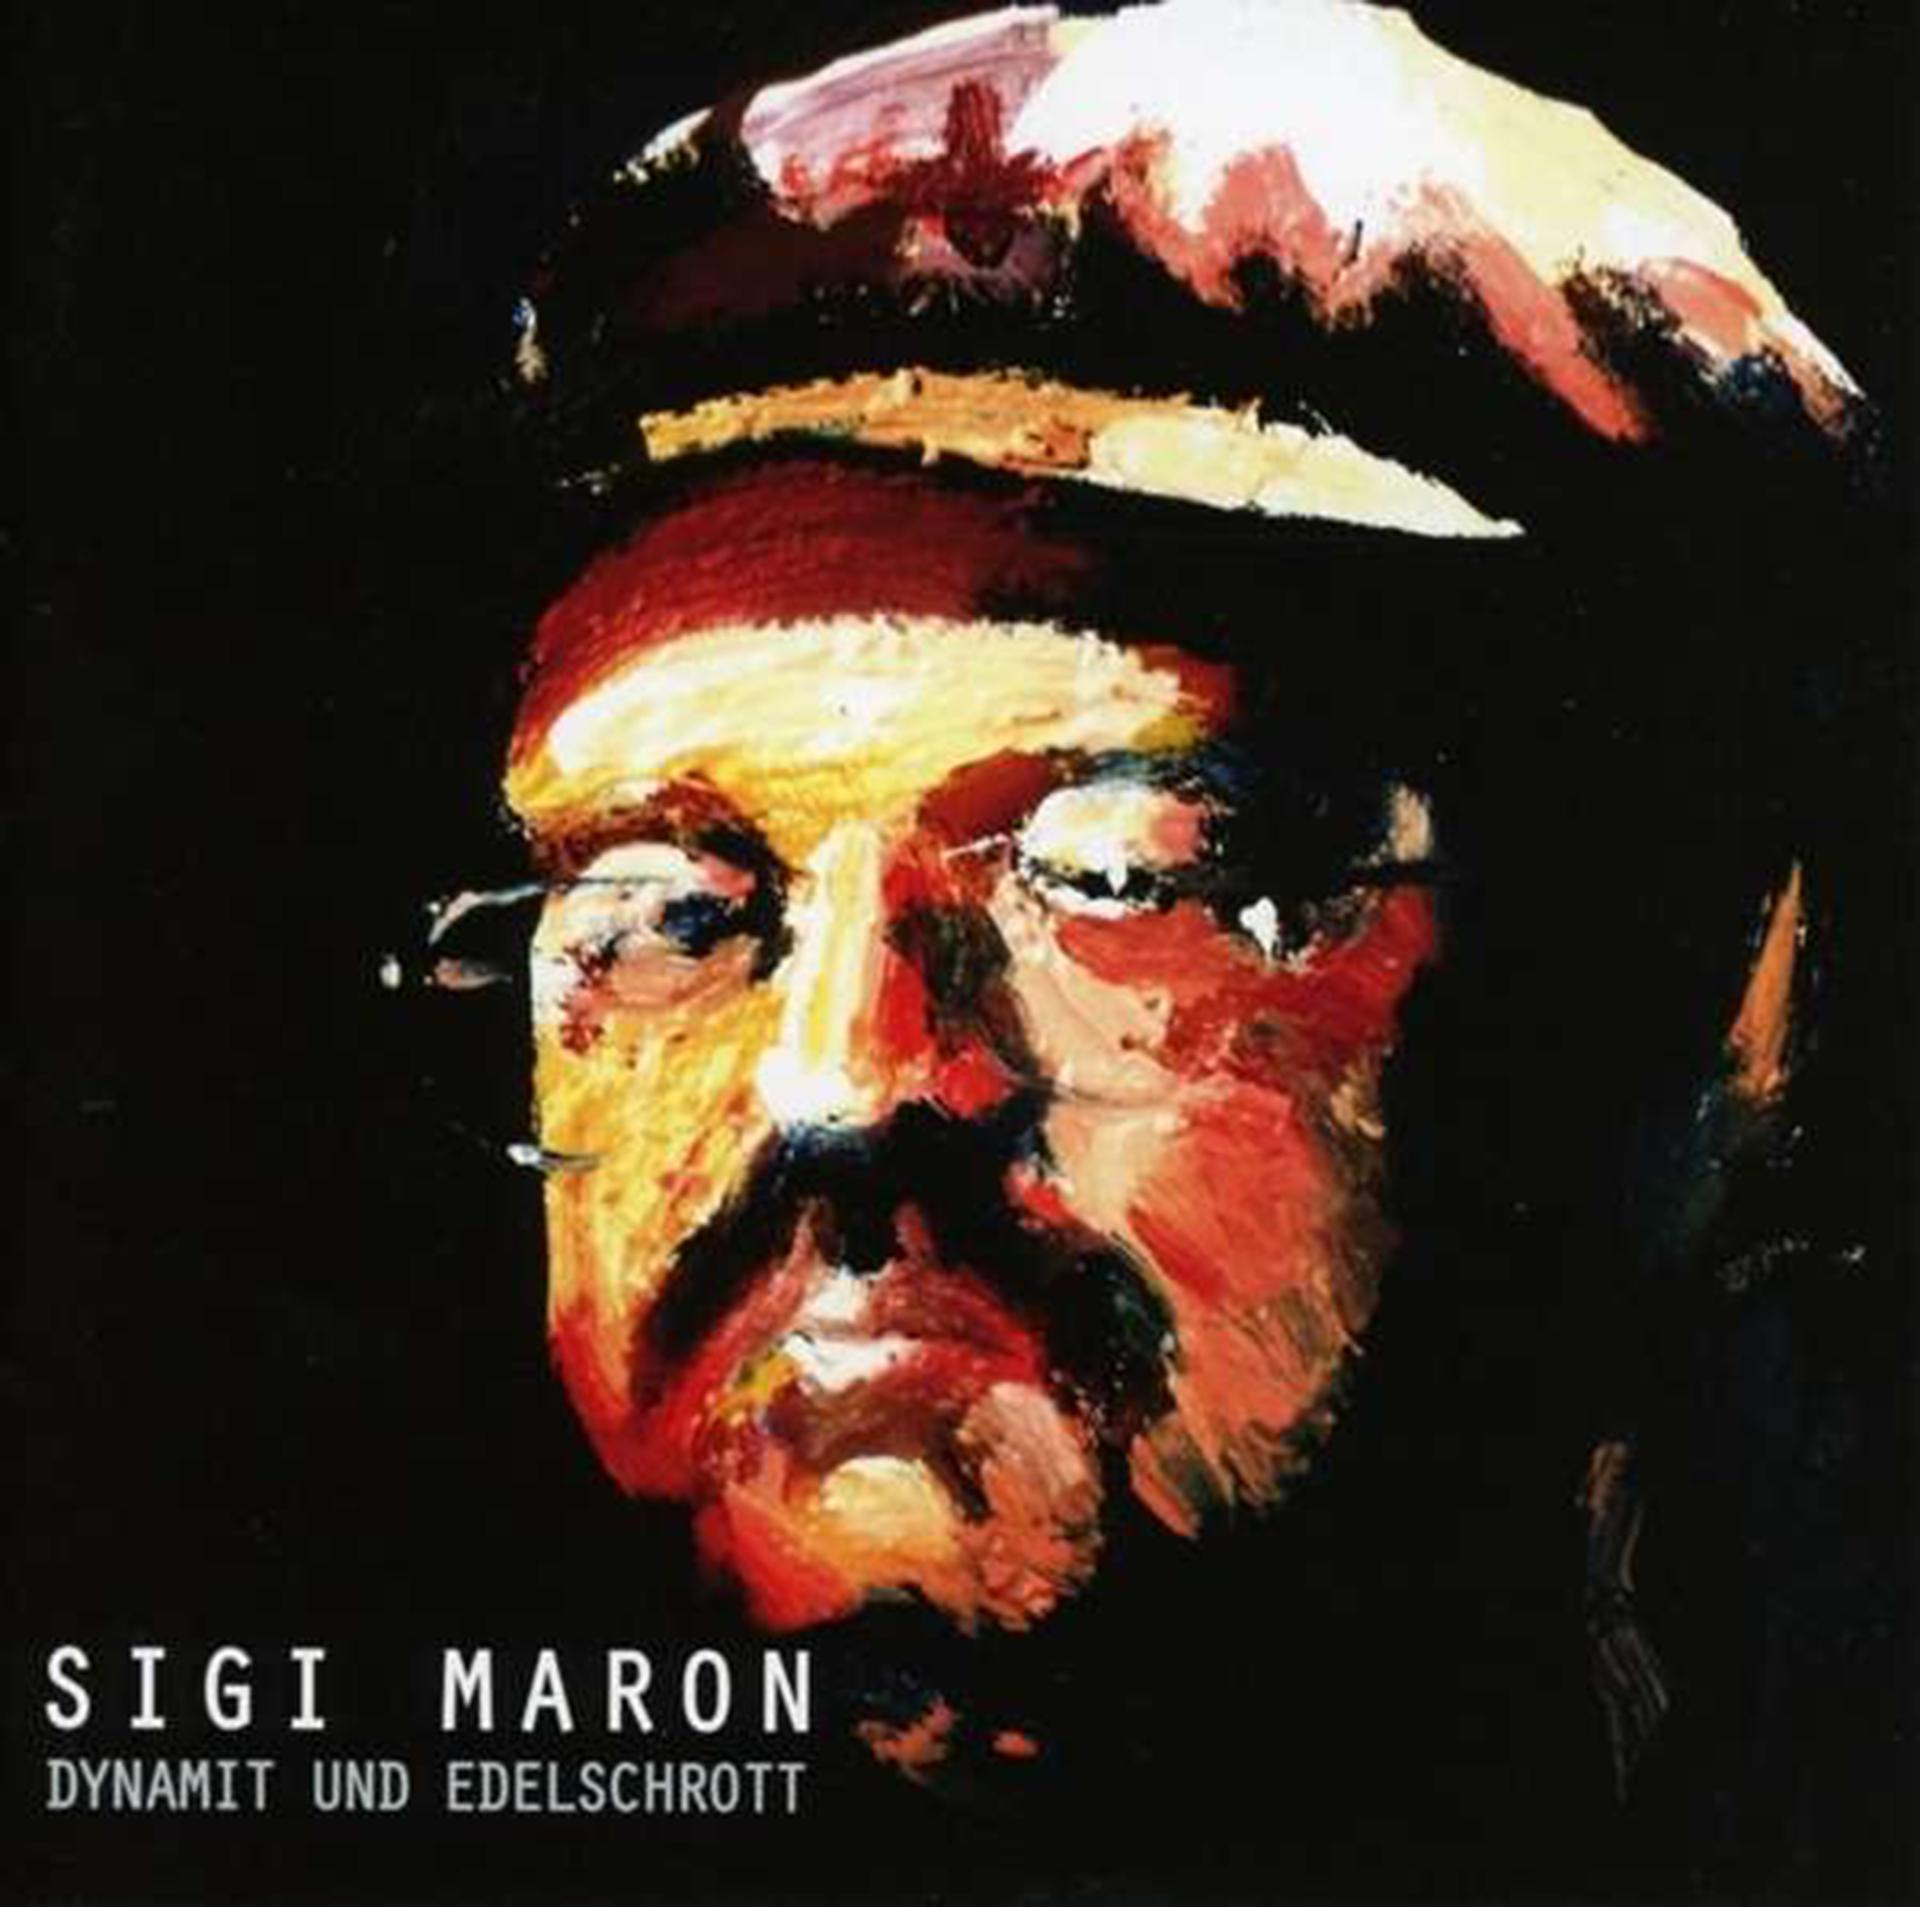 Sigi-Maron-Dynamit-und-Edelschrott